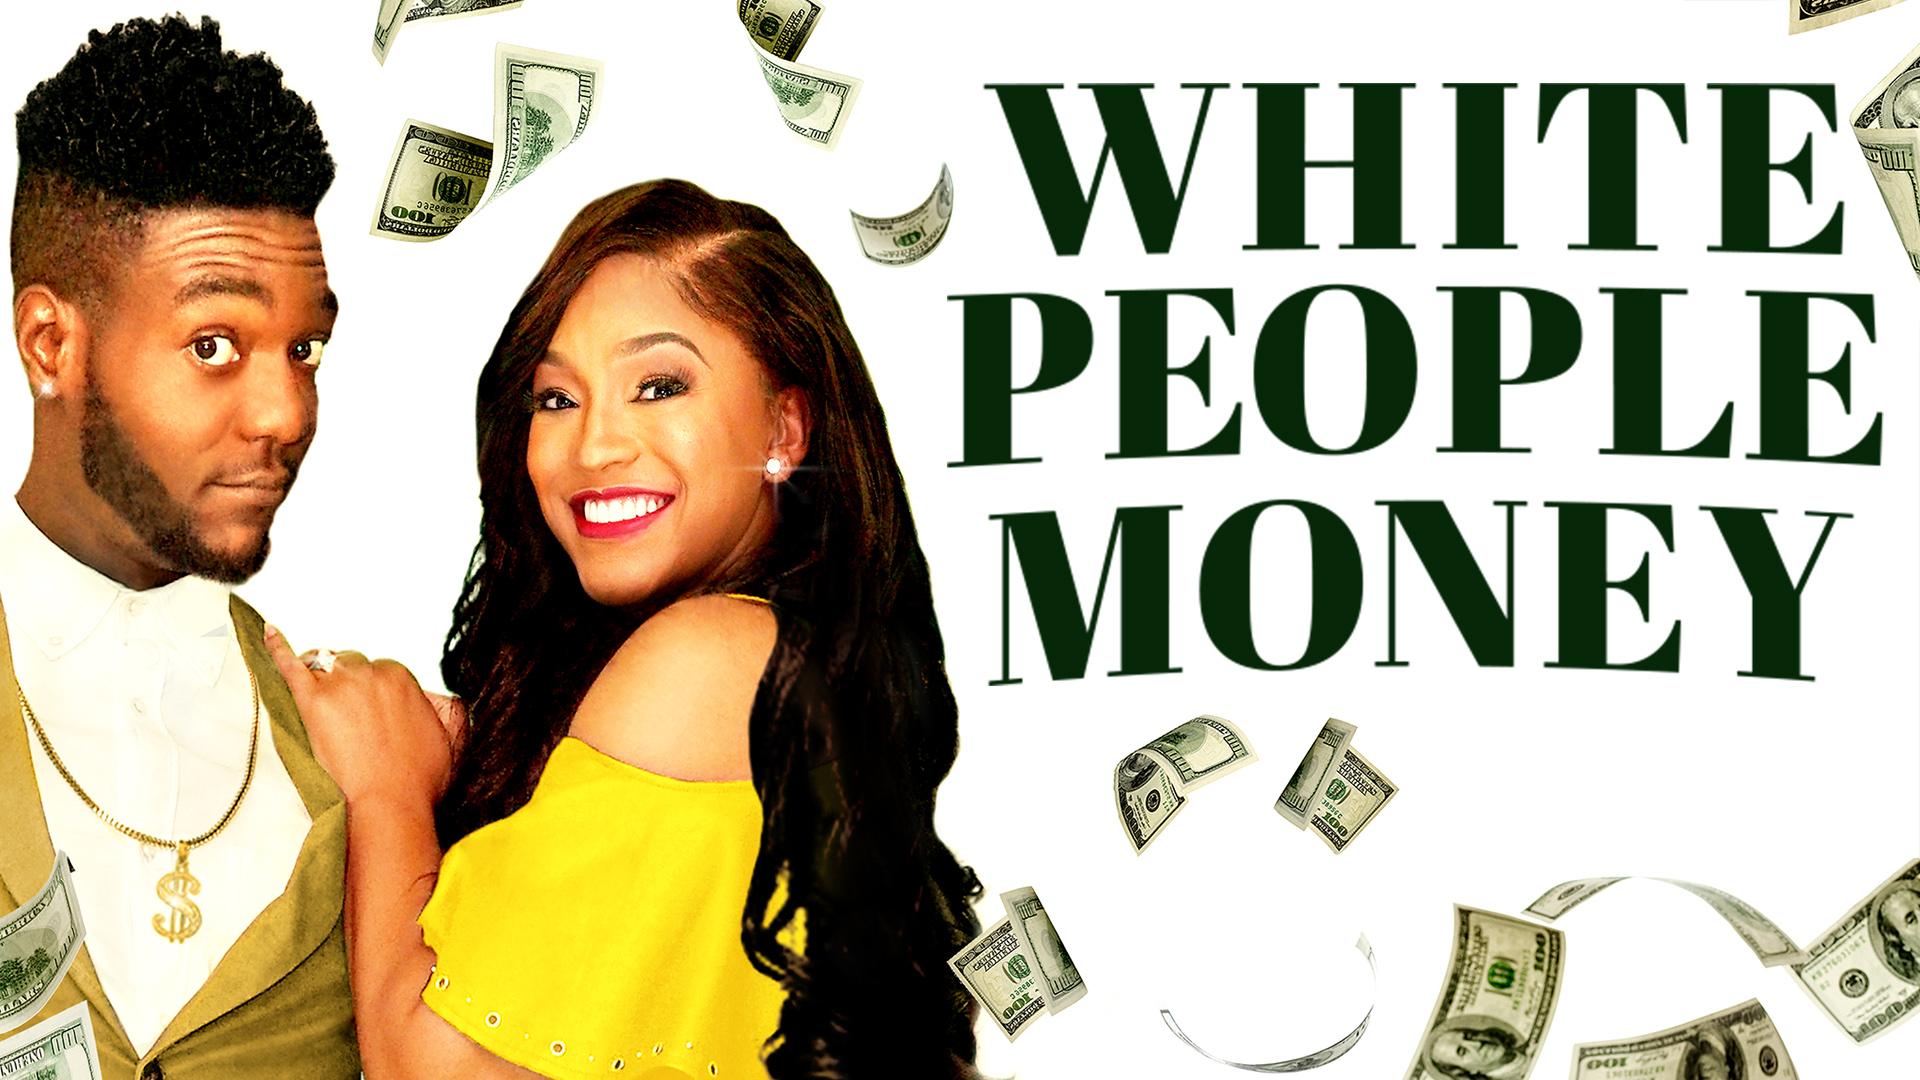 White People Money